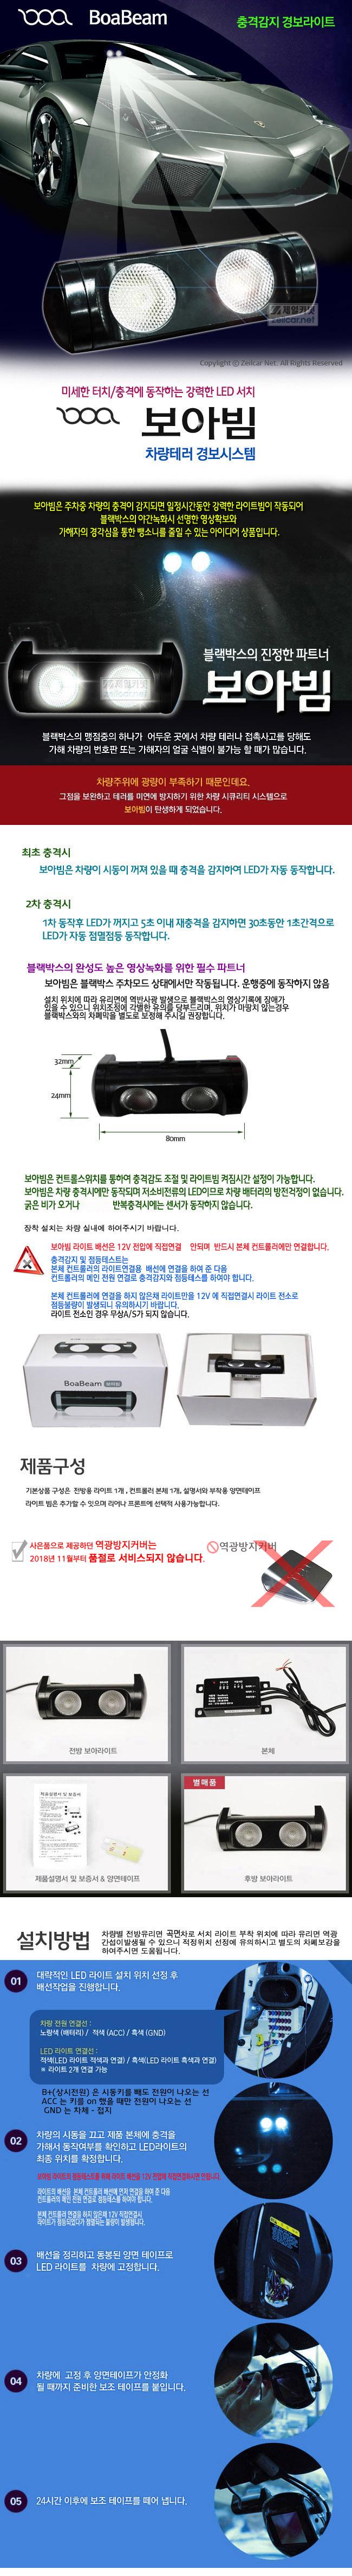 [올킬 할인이벤트-한정수량] 블랙박스 파트너,주차테러 충격감지 서치라이트 보아빔